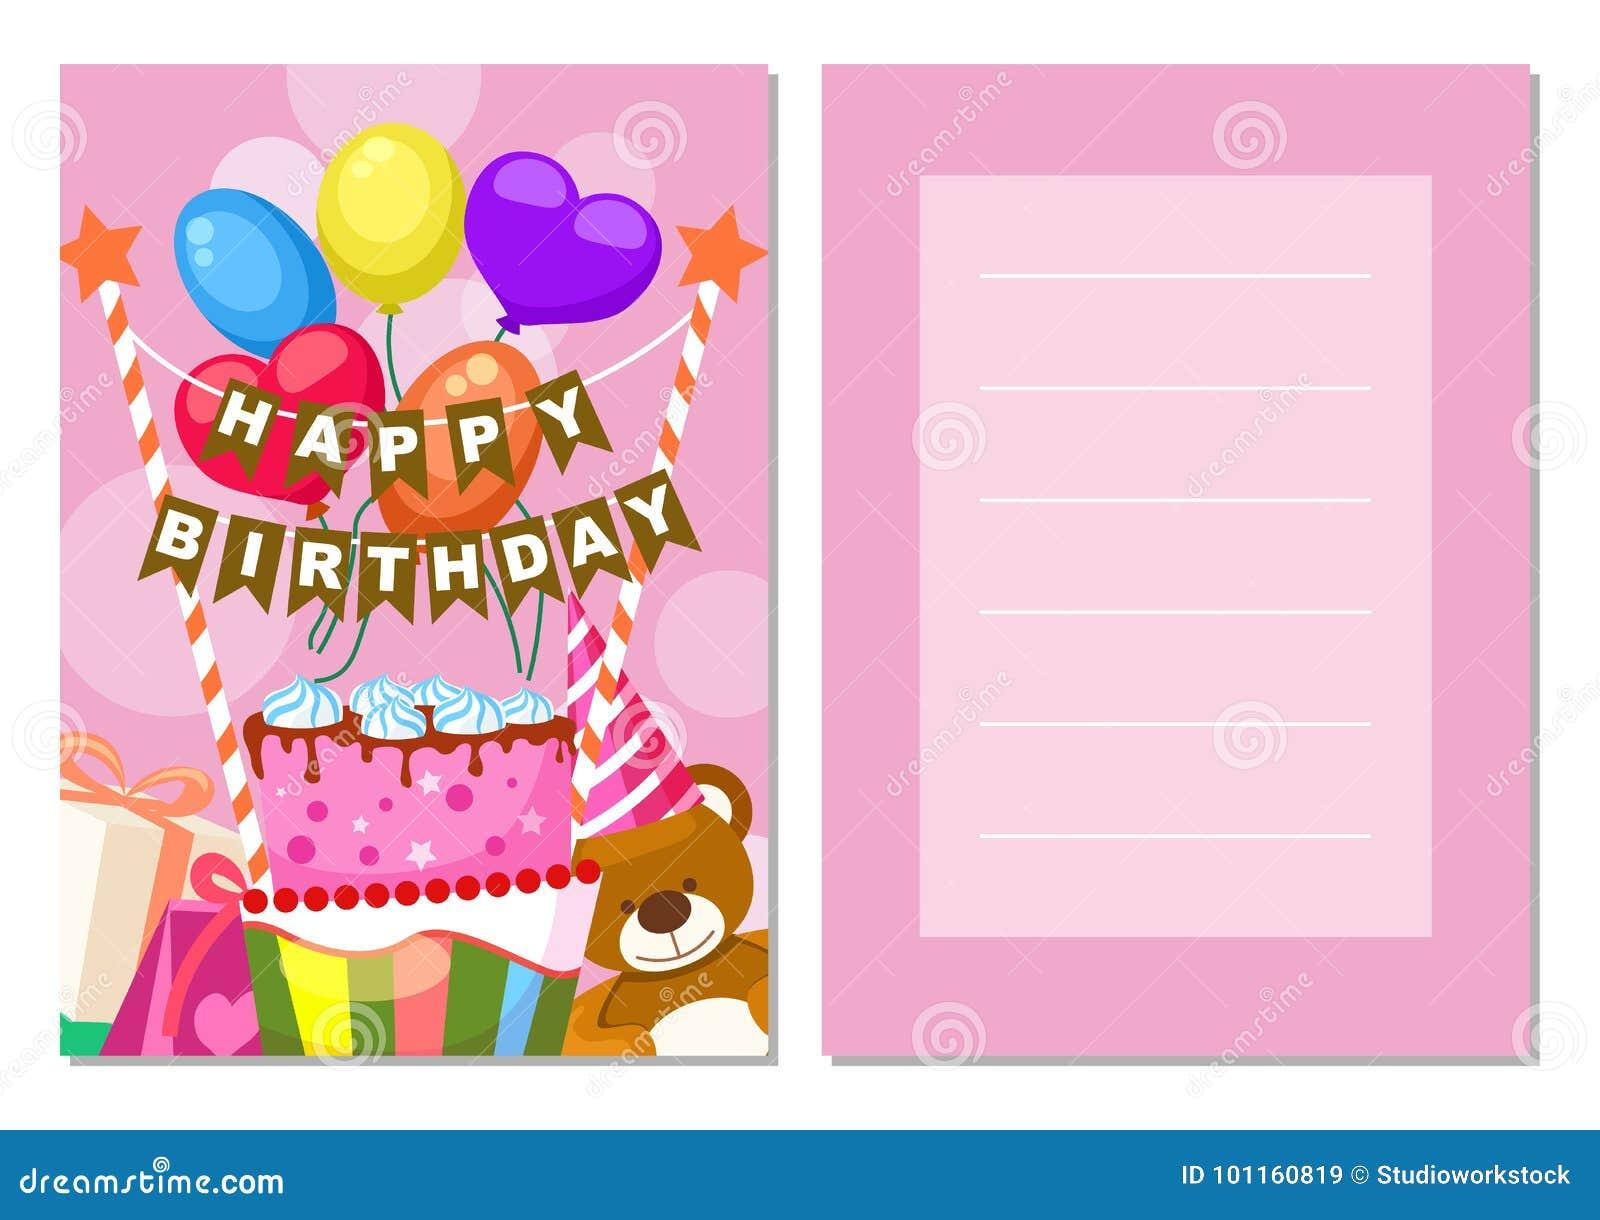 Insieme Della Cartolina Dei Bambini Di Buon Compleanno Illustrazione